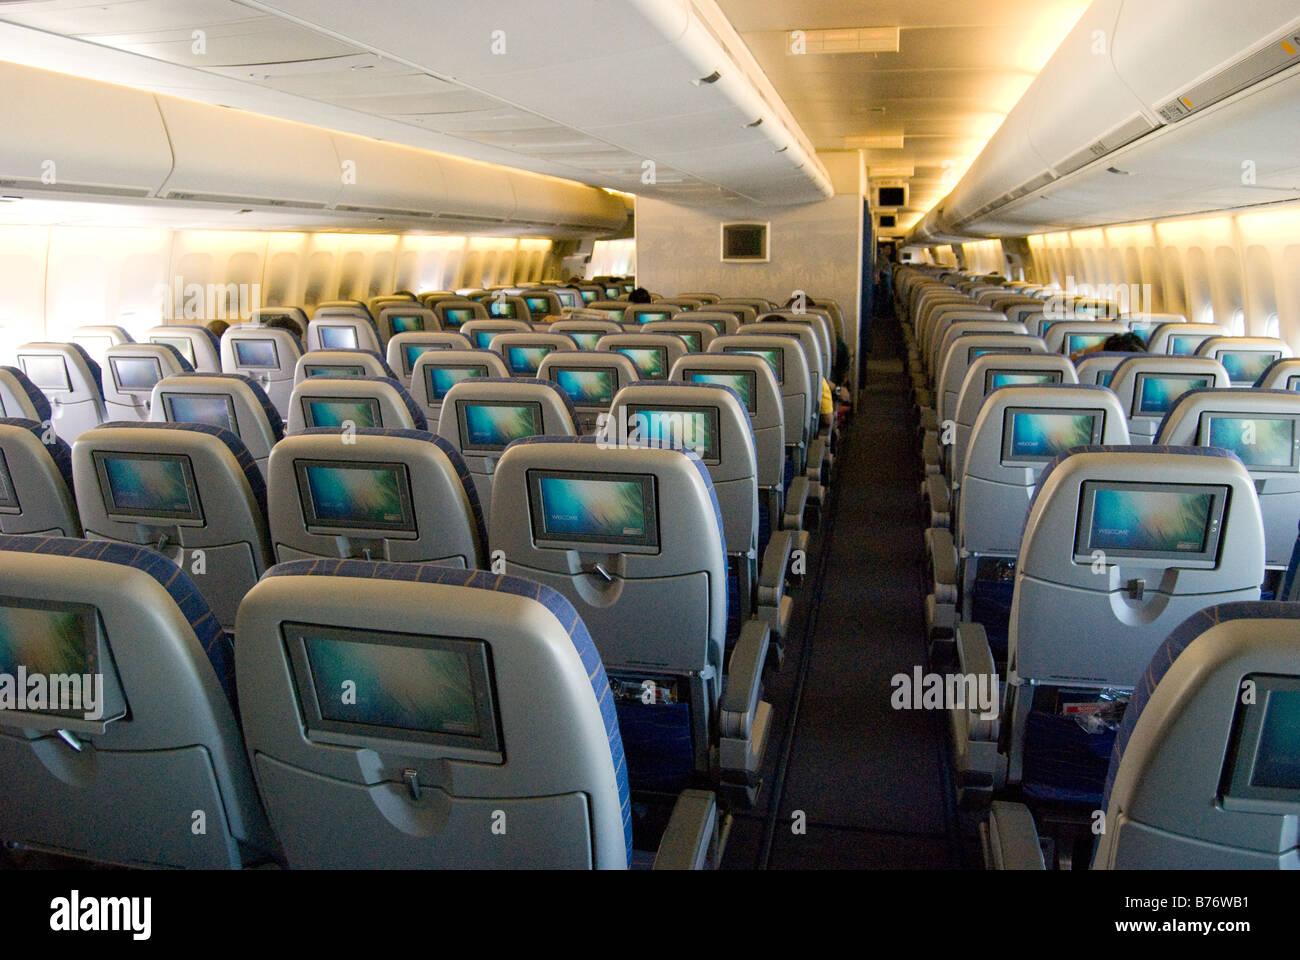 Innenansicht der Luft Philippinen Boeing 747 Jumbo Jet mit Plätzen ...